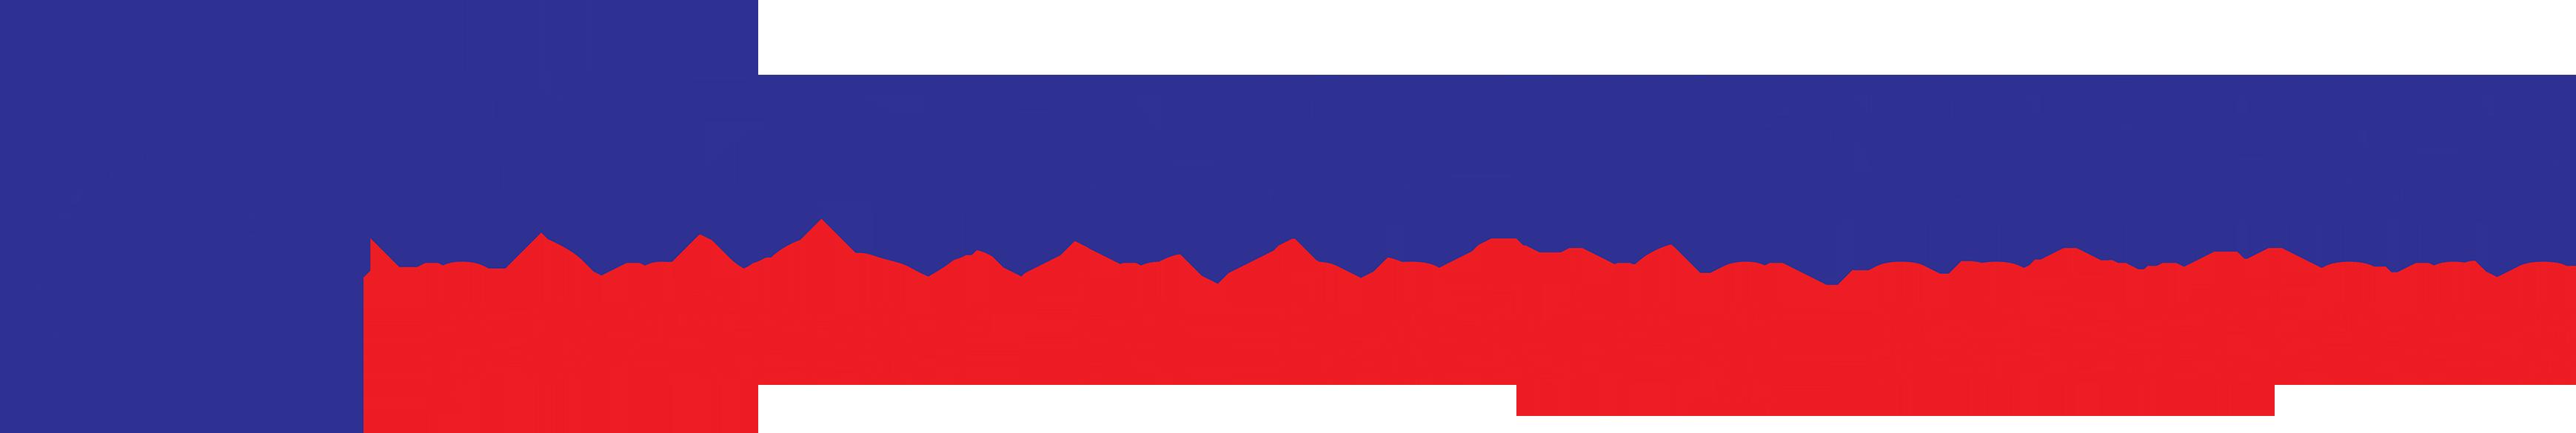 PT Jaya Fermex Group